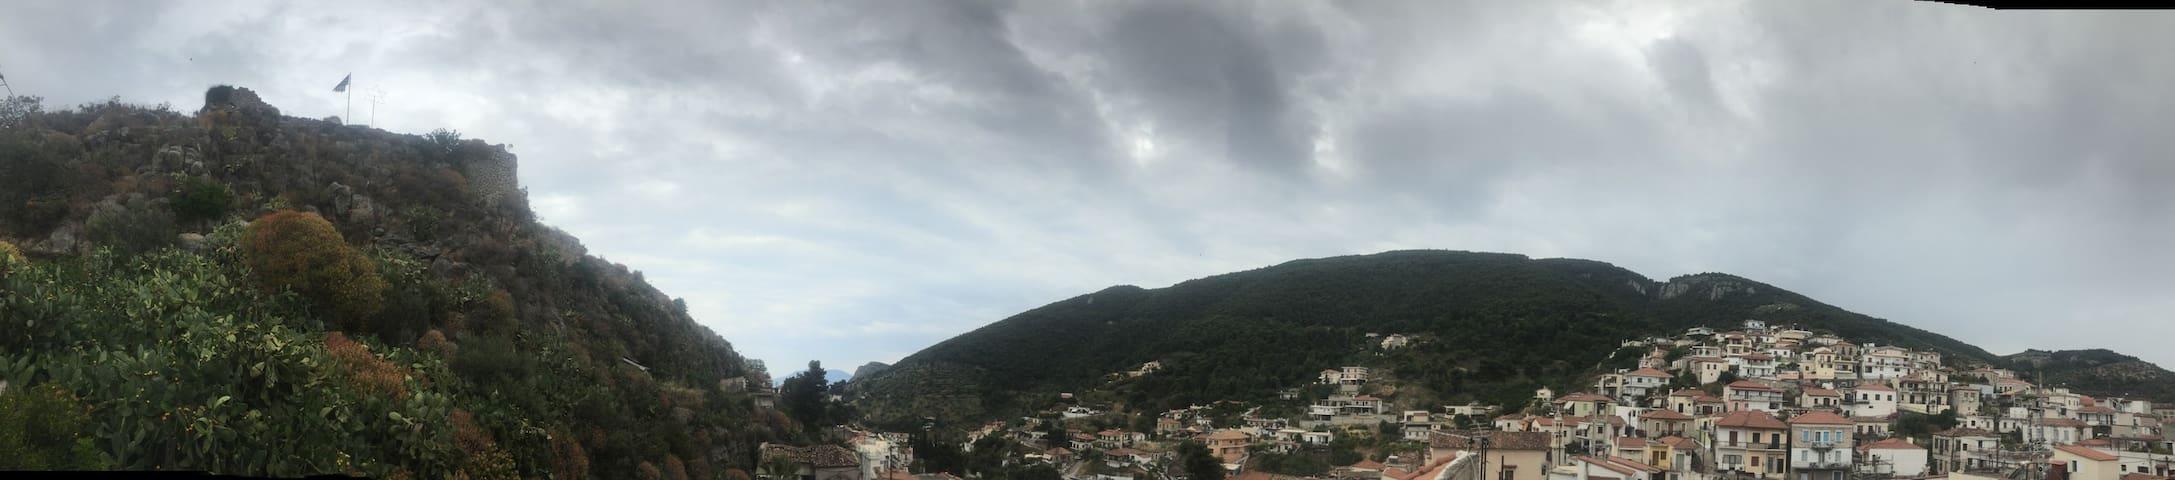 πανοραμική θέα από το σπίτι